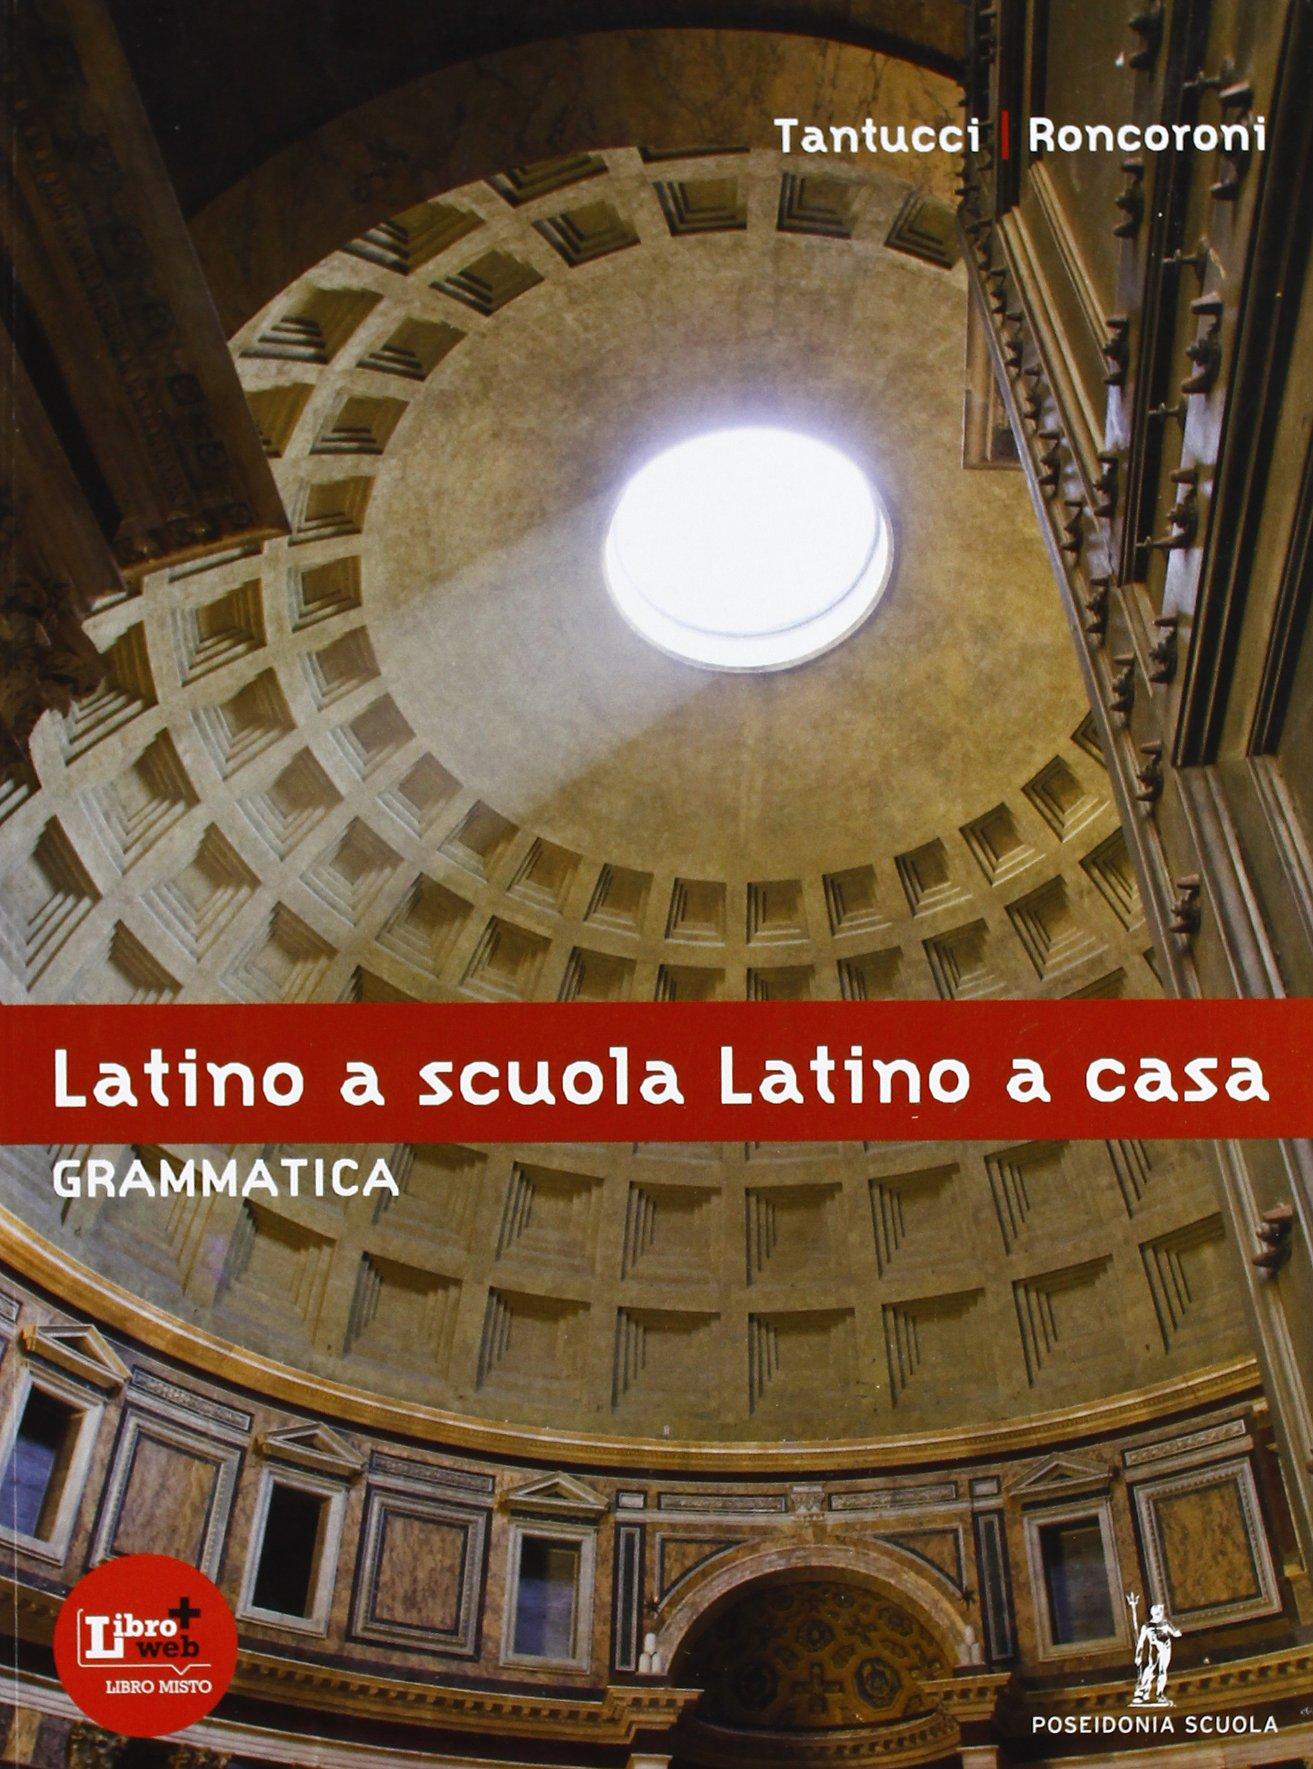 Latino a scuola, Latino a casa: GRAMMATICA